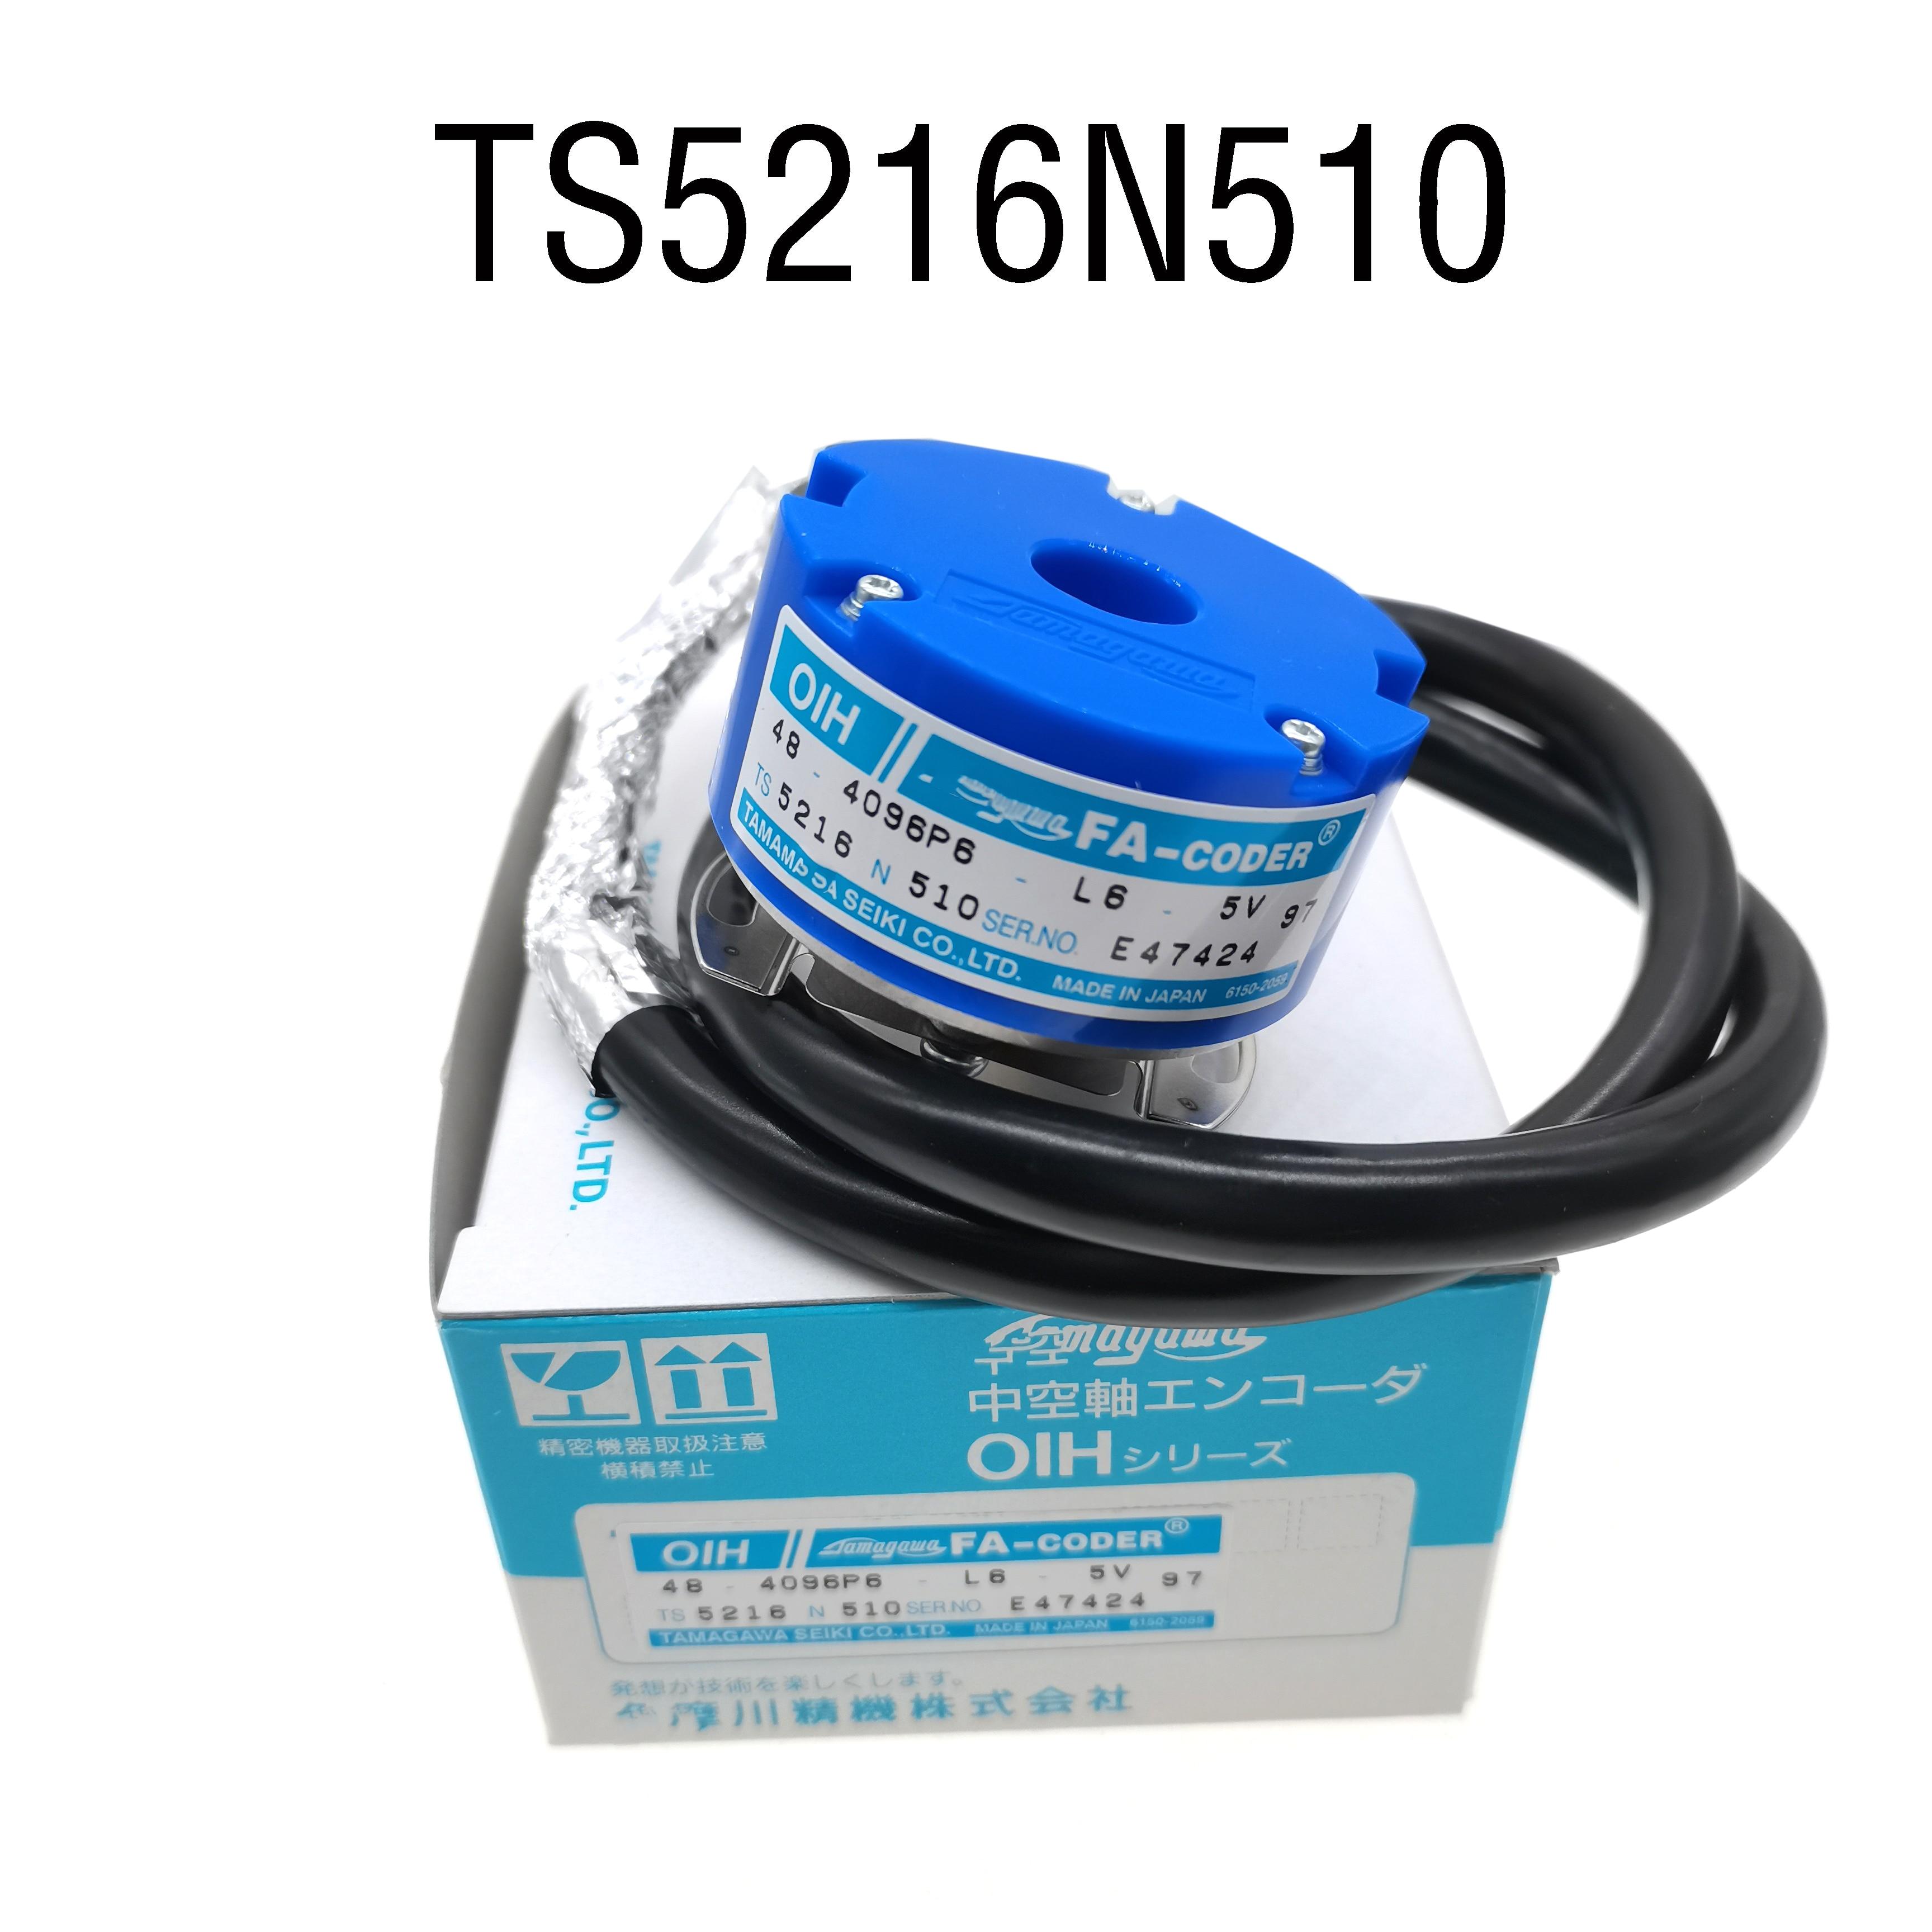 جهاز تشفير محوري TS5216N510 OIH 48-4096P6-L6-5V, جديد وأصلي